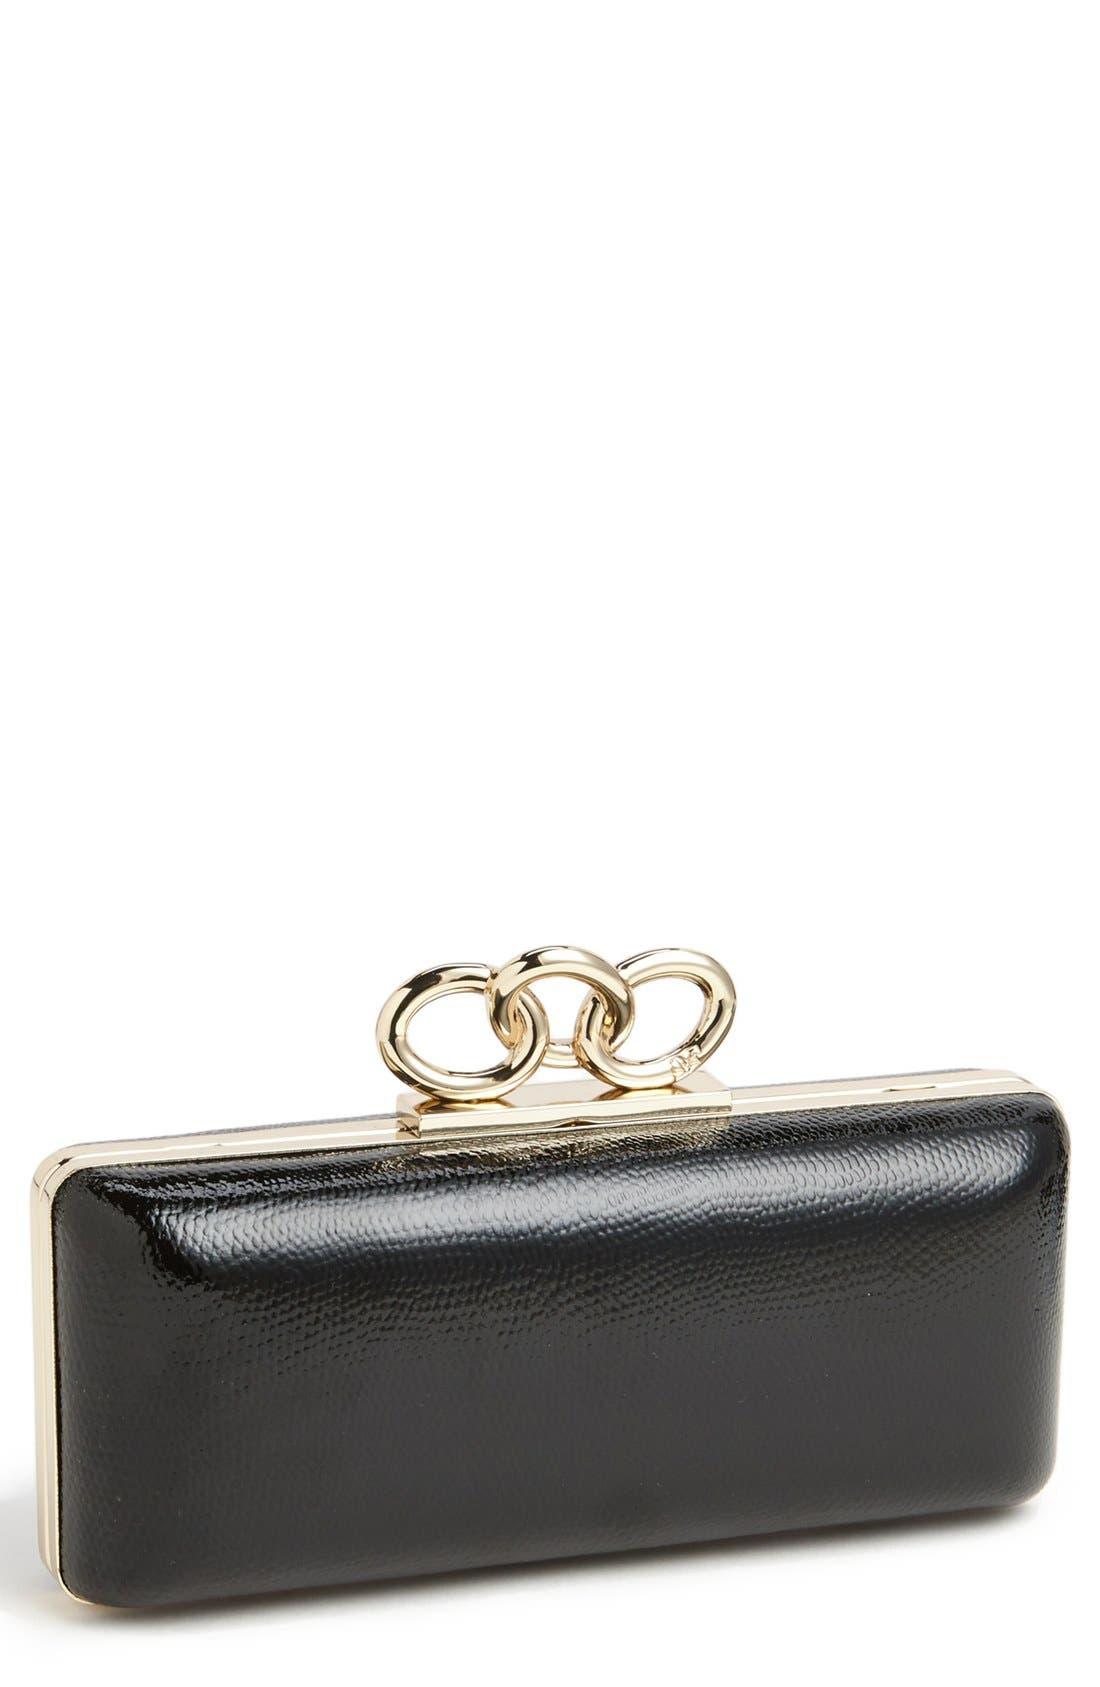 Main Image - Diane von Furstenberg 'Sutra' Leather Minaudiere